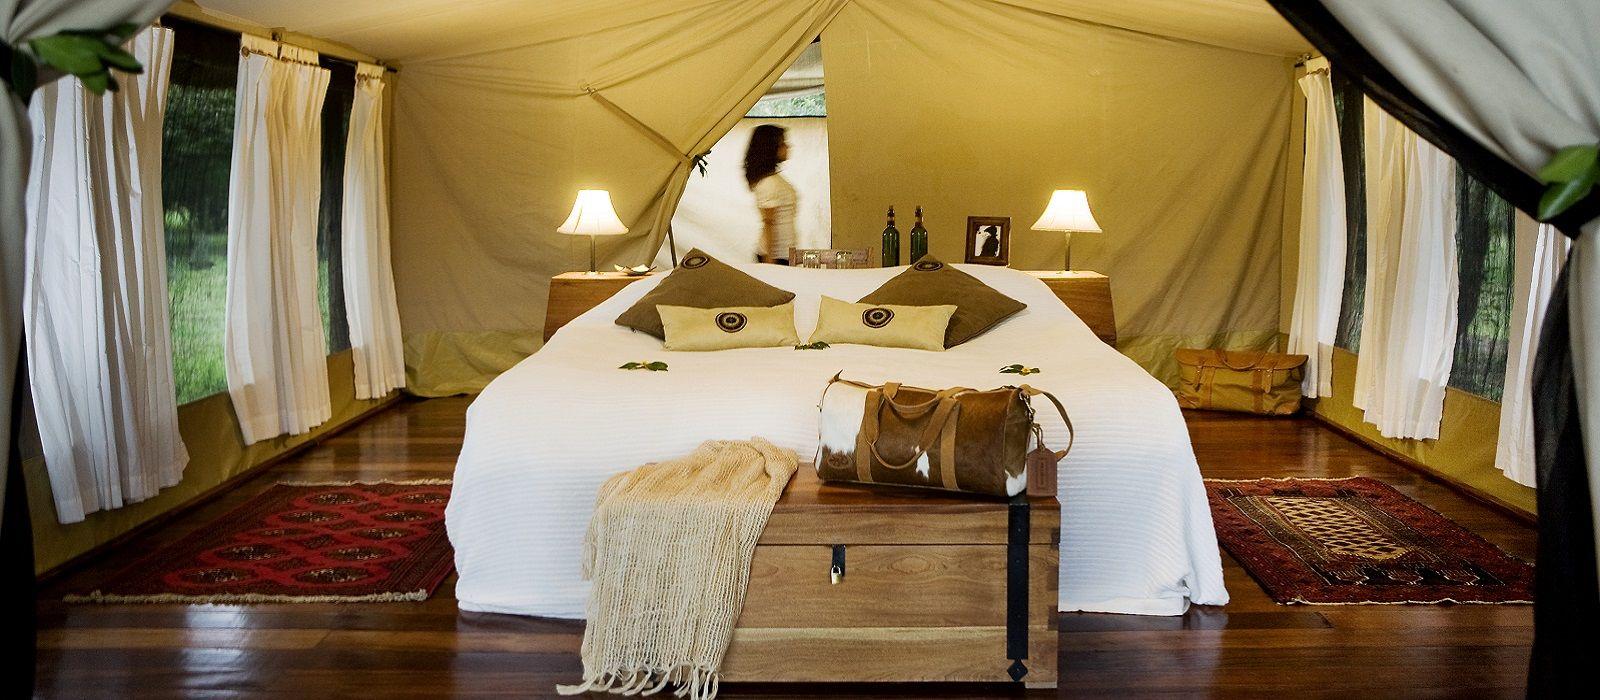 Hotel Karen Blixen Camp Kenya